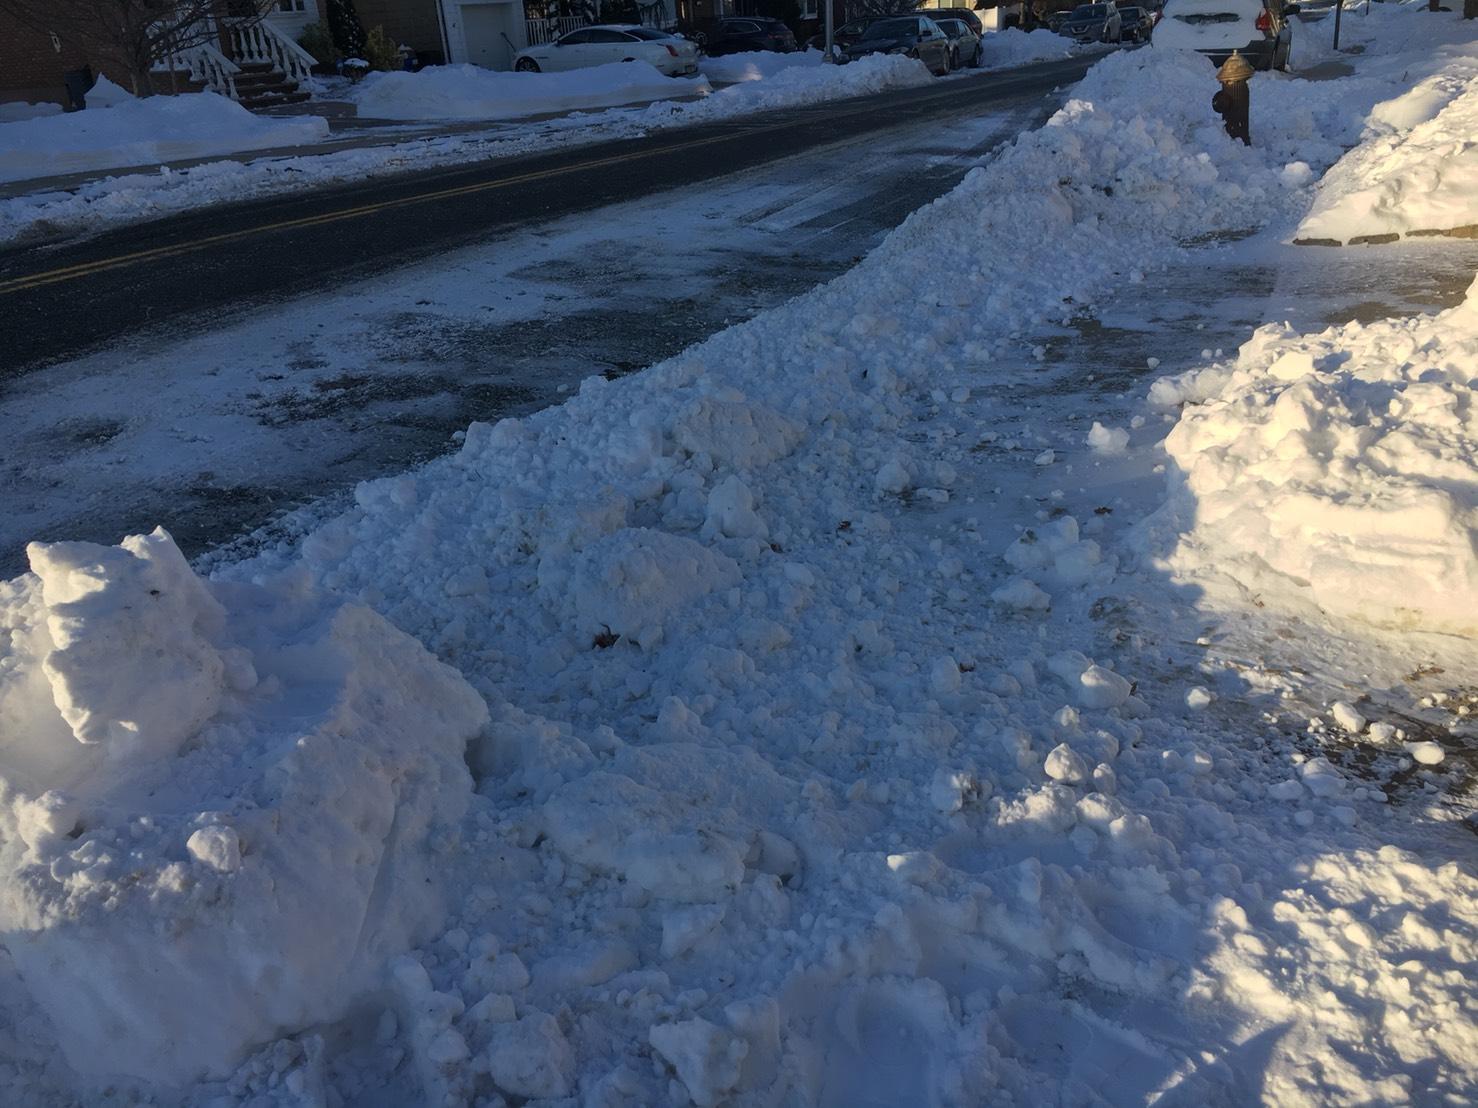 早上看到自家車道快哭出來,辛苦剷的車道被剷雪車蓋過。(網友S. Lin 2018/01/06@美國紐約)